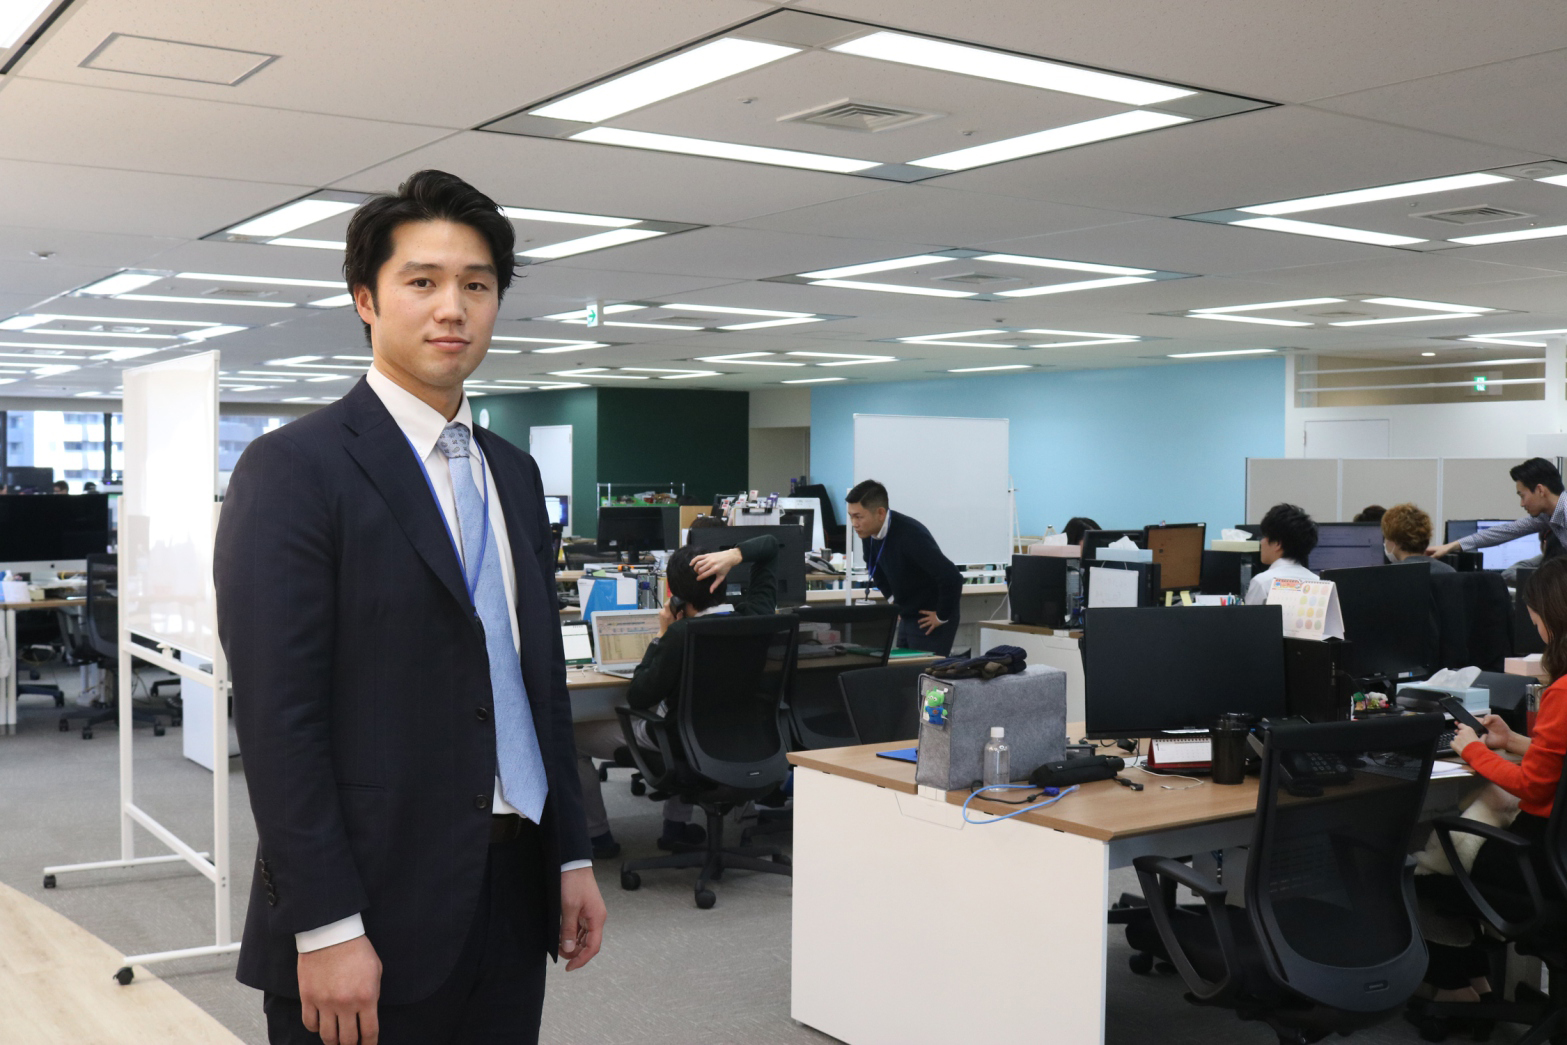 IT企業「ショーケース・ティービー」に入社した谷田成吾さん【写真:編集部】